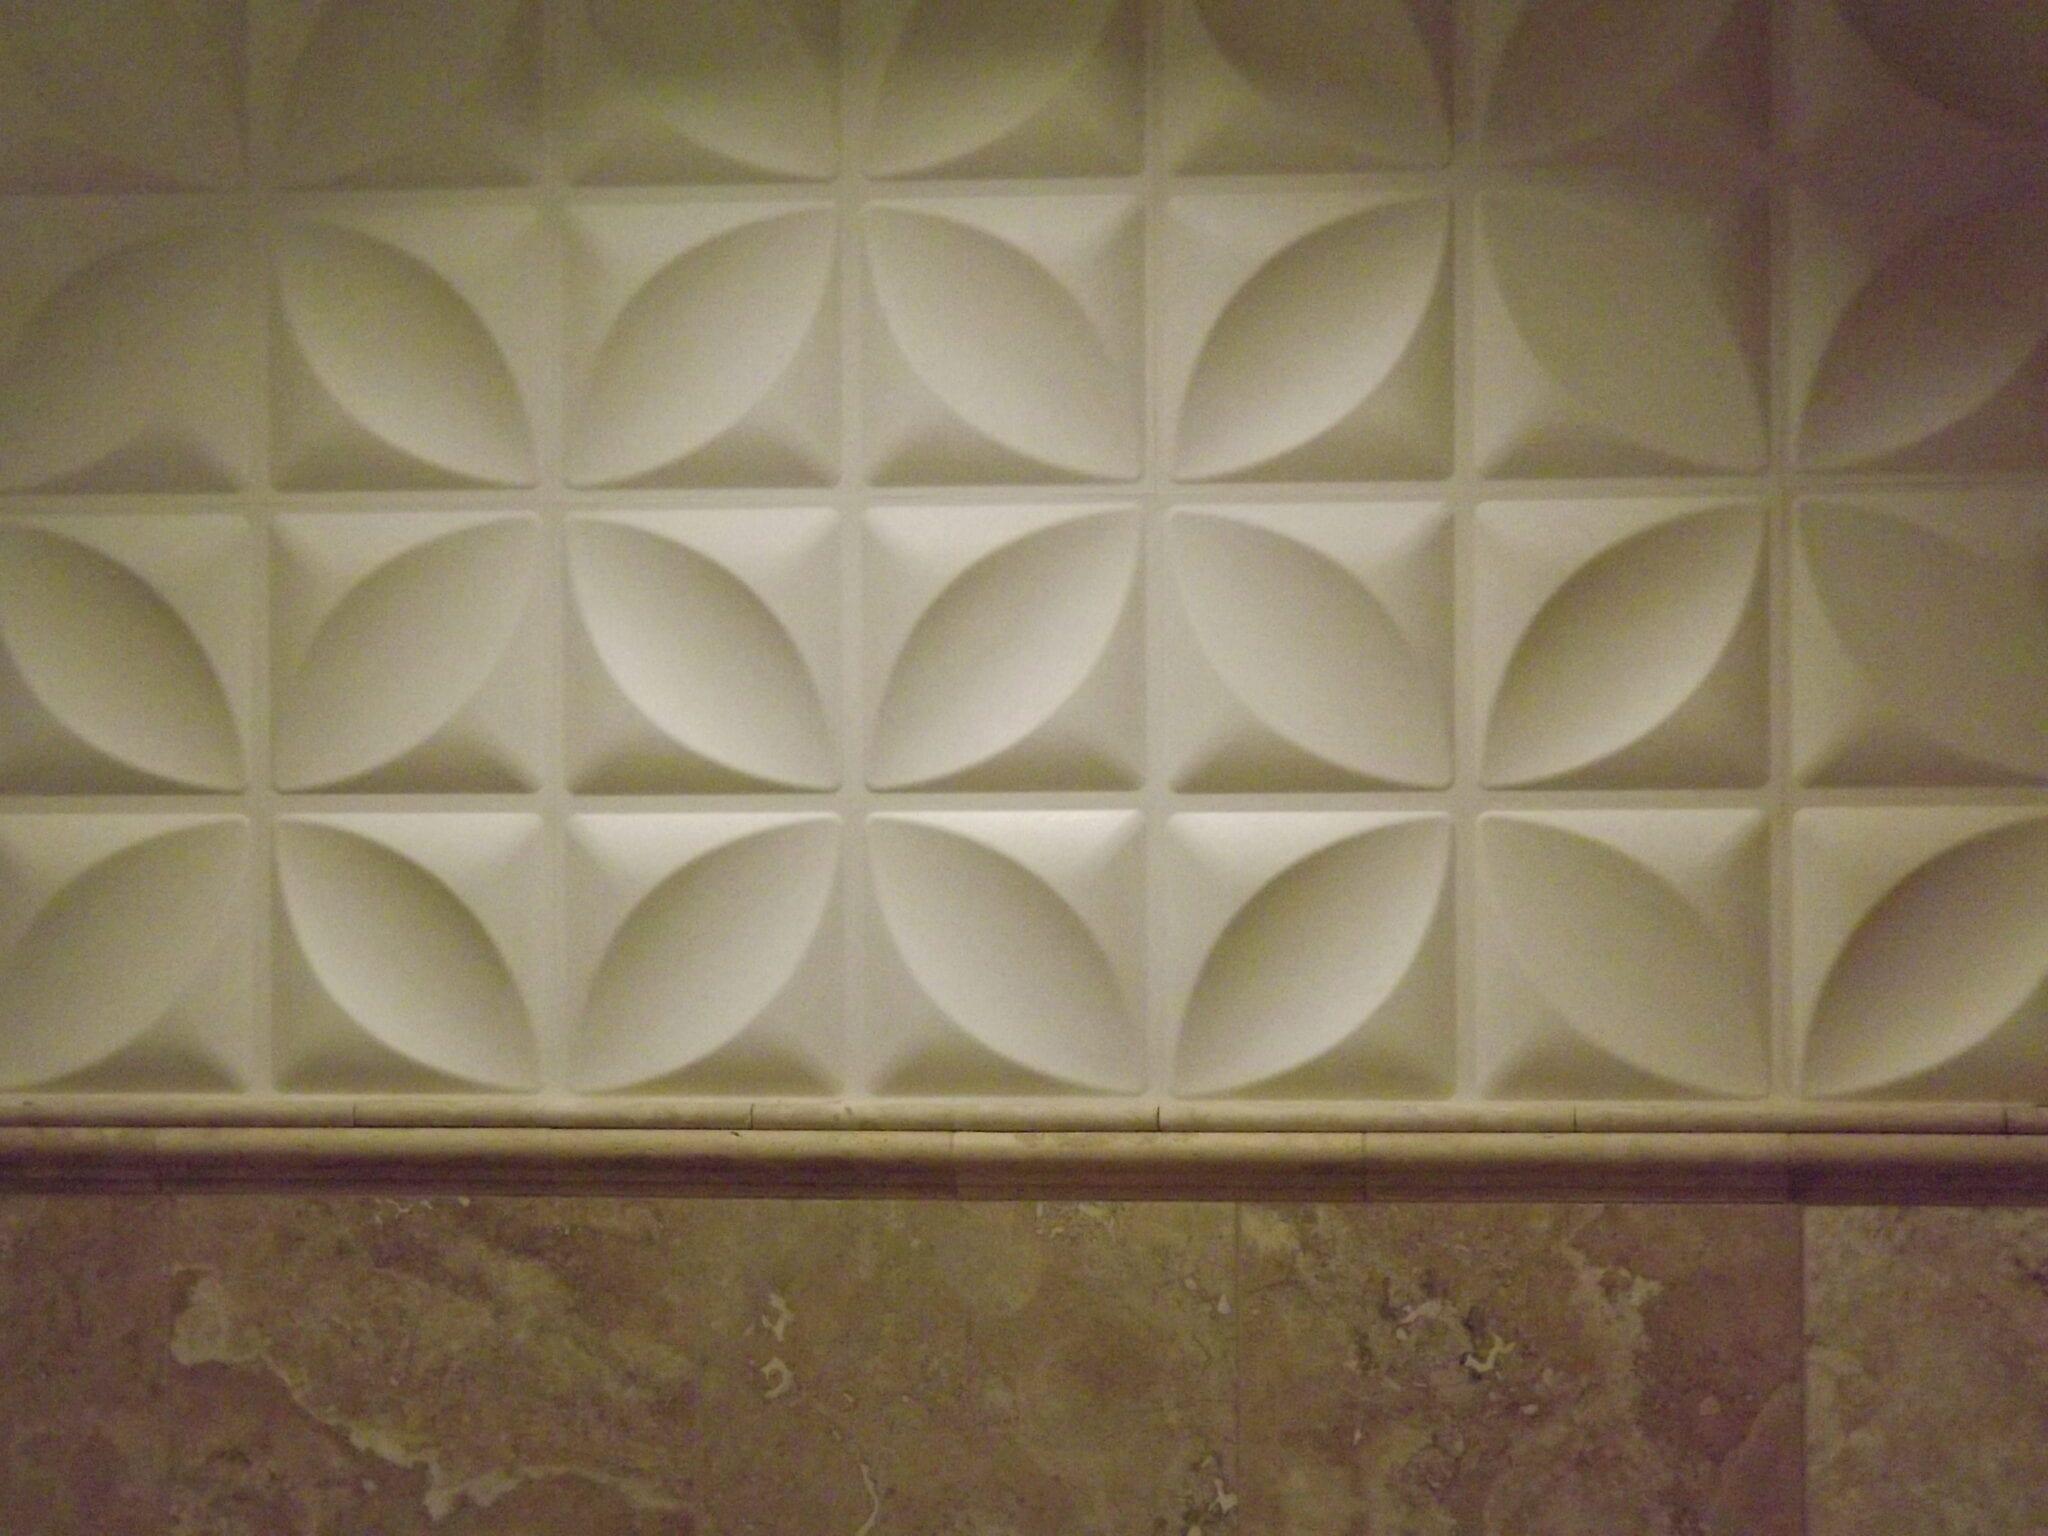 patternedwall